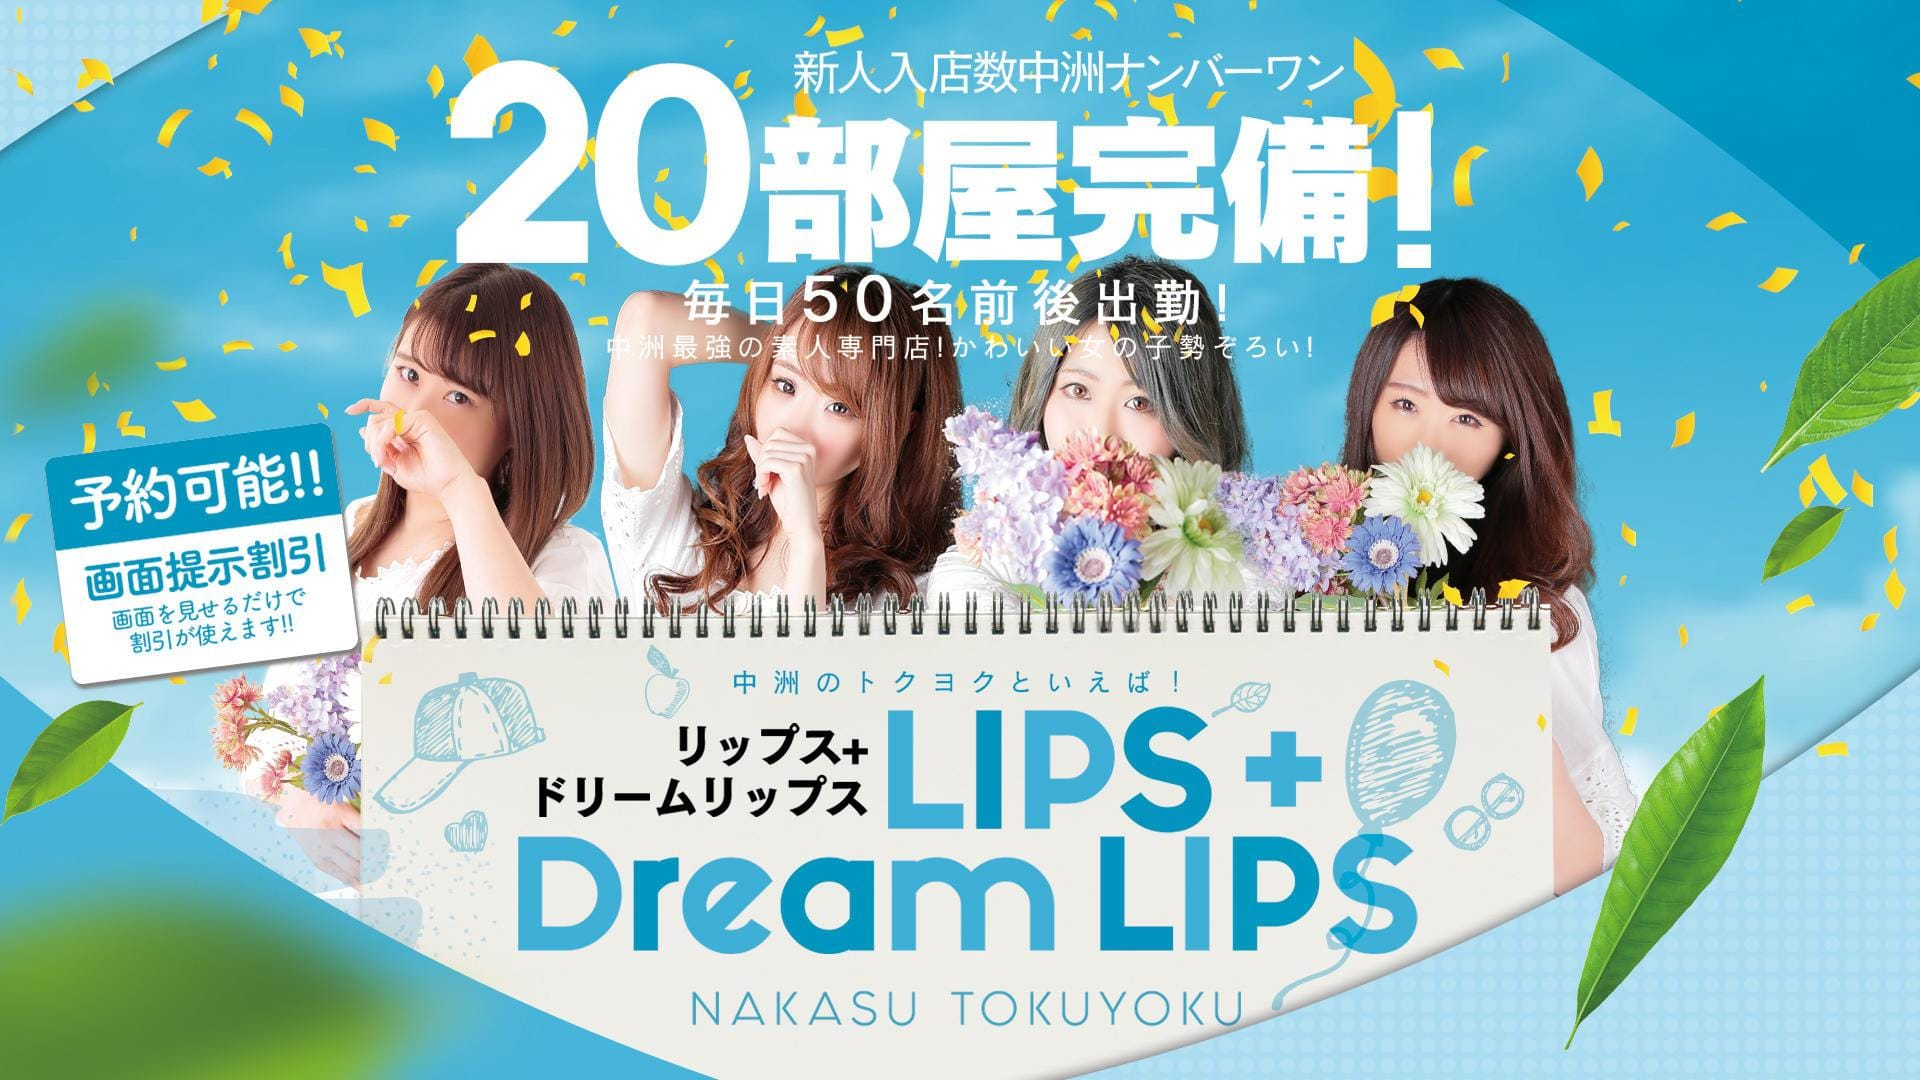 リップス+ドリームリップス(LIPS+DreamLIPS)